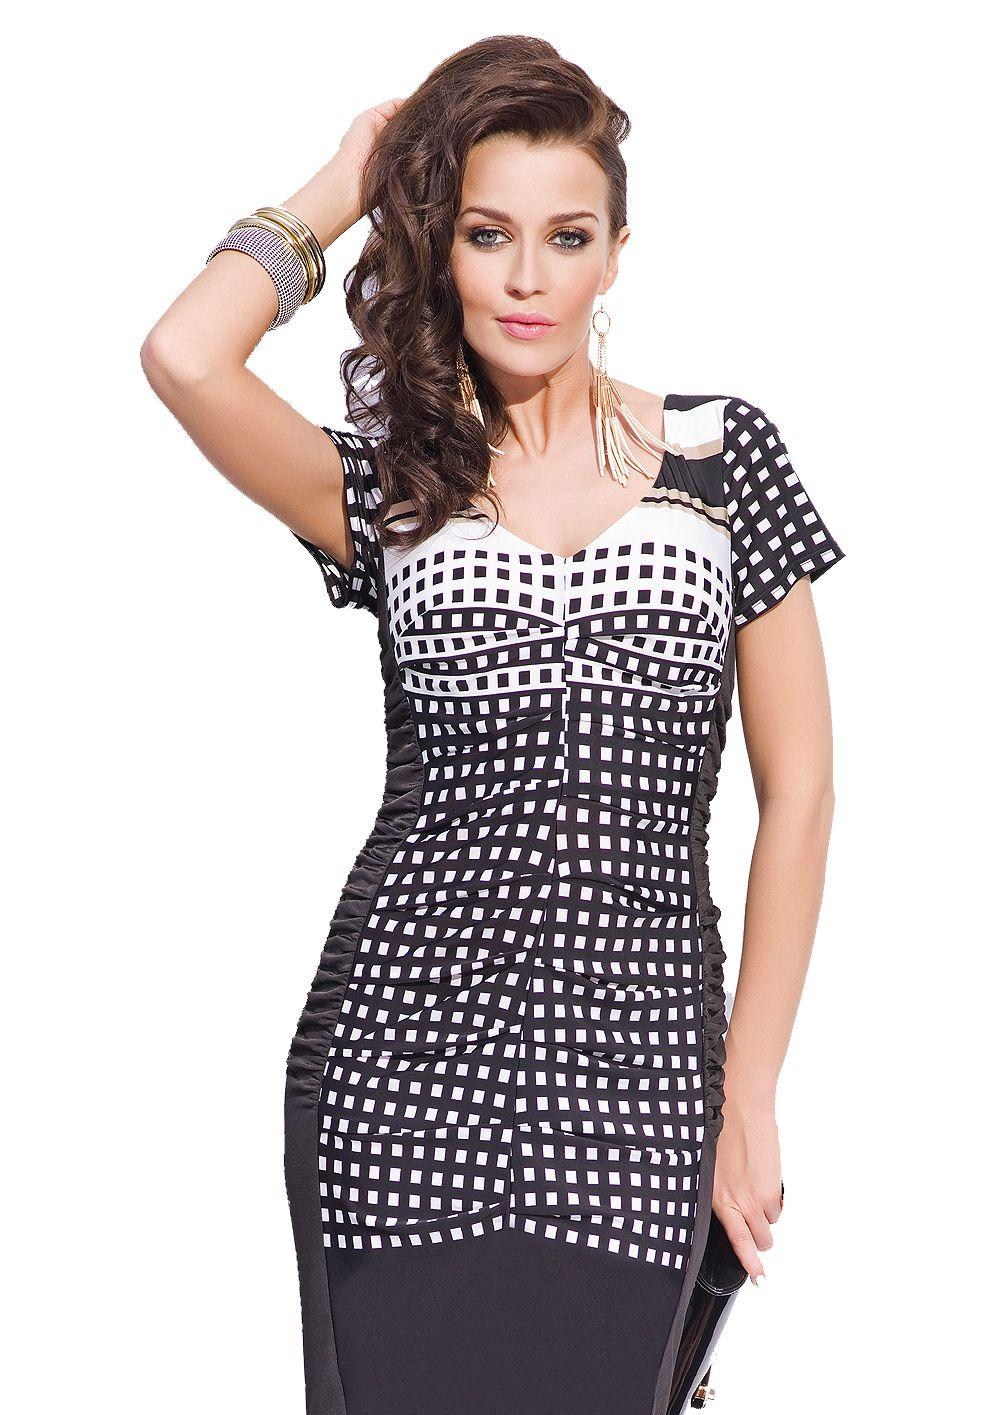 238013072f Sukienka koktajlowa r.44 SATYNA LICYTACJA !!! - 7614075239 - oficjalne  archiwum allegro